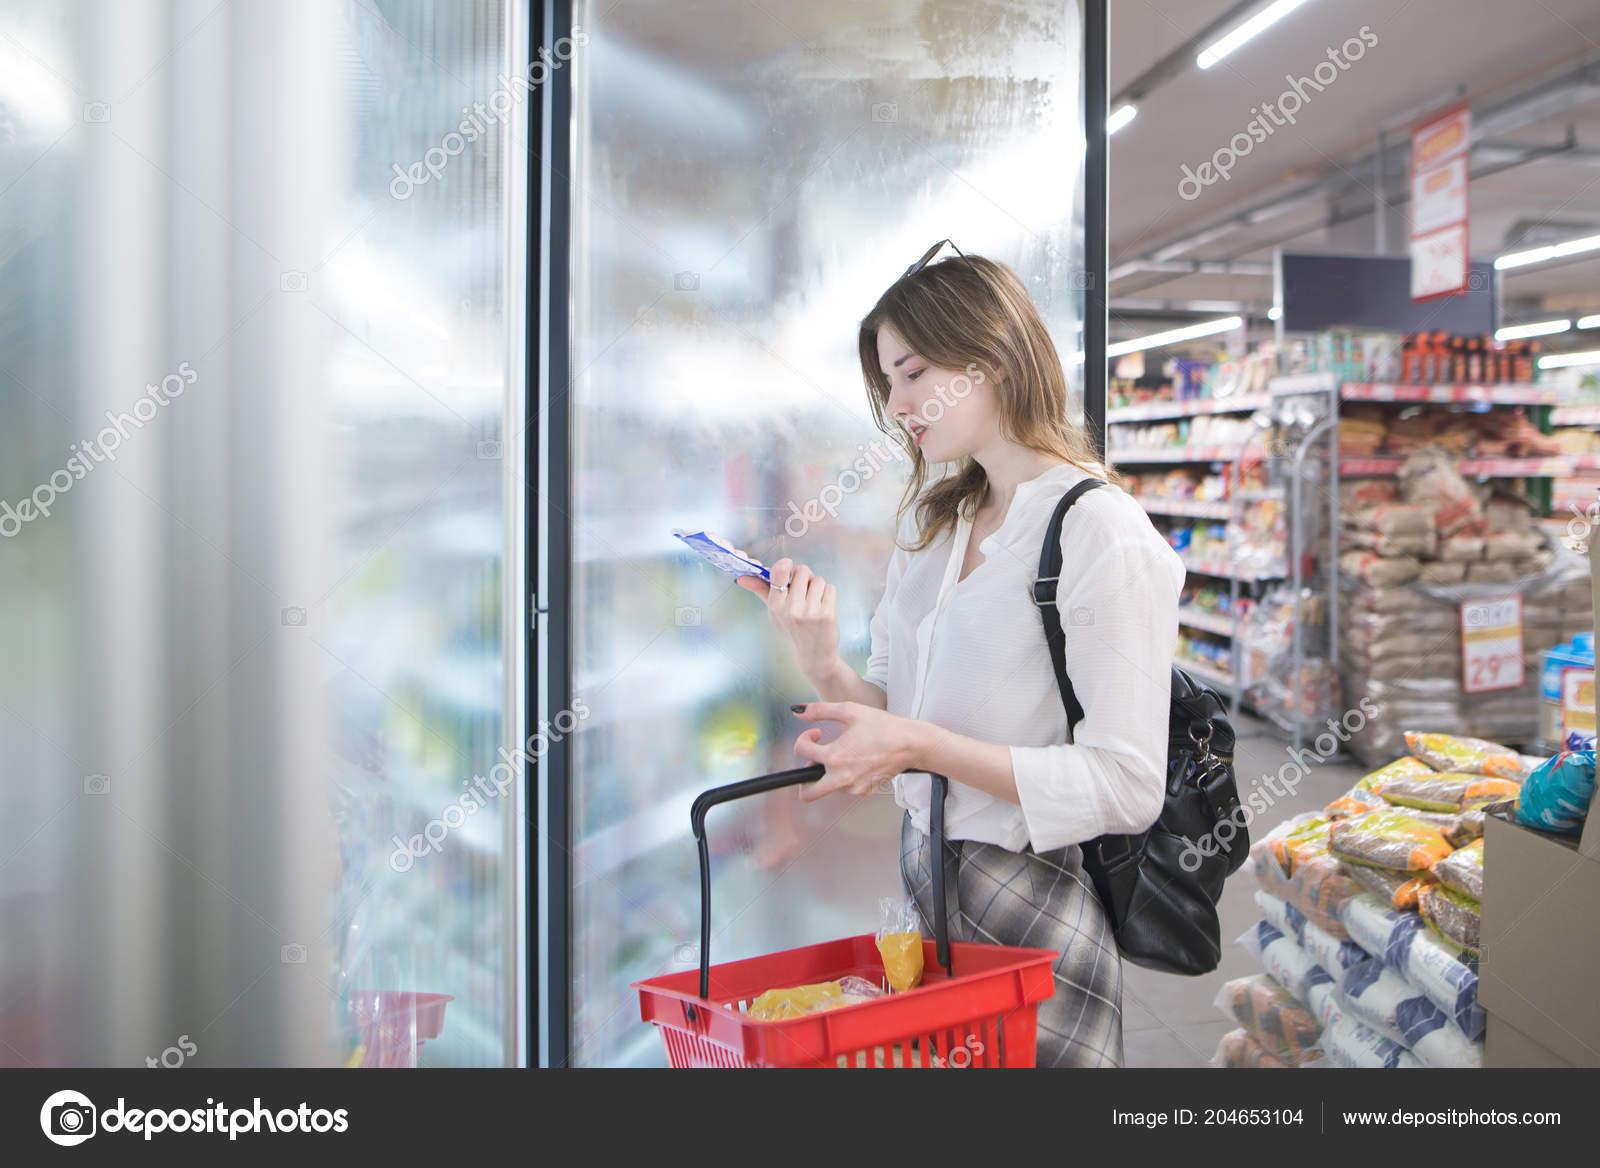 Kühlschrank Korb : Attraktive junge frau steht den kühlschrank das geschäft mit